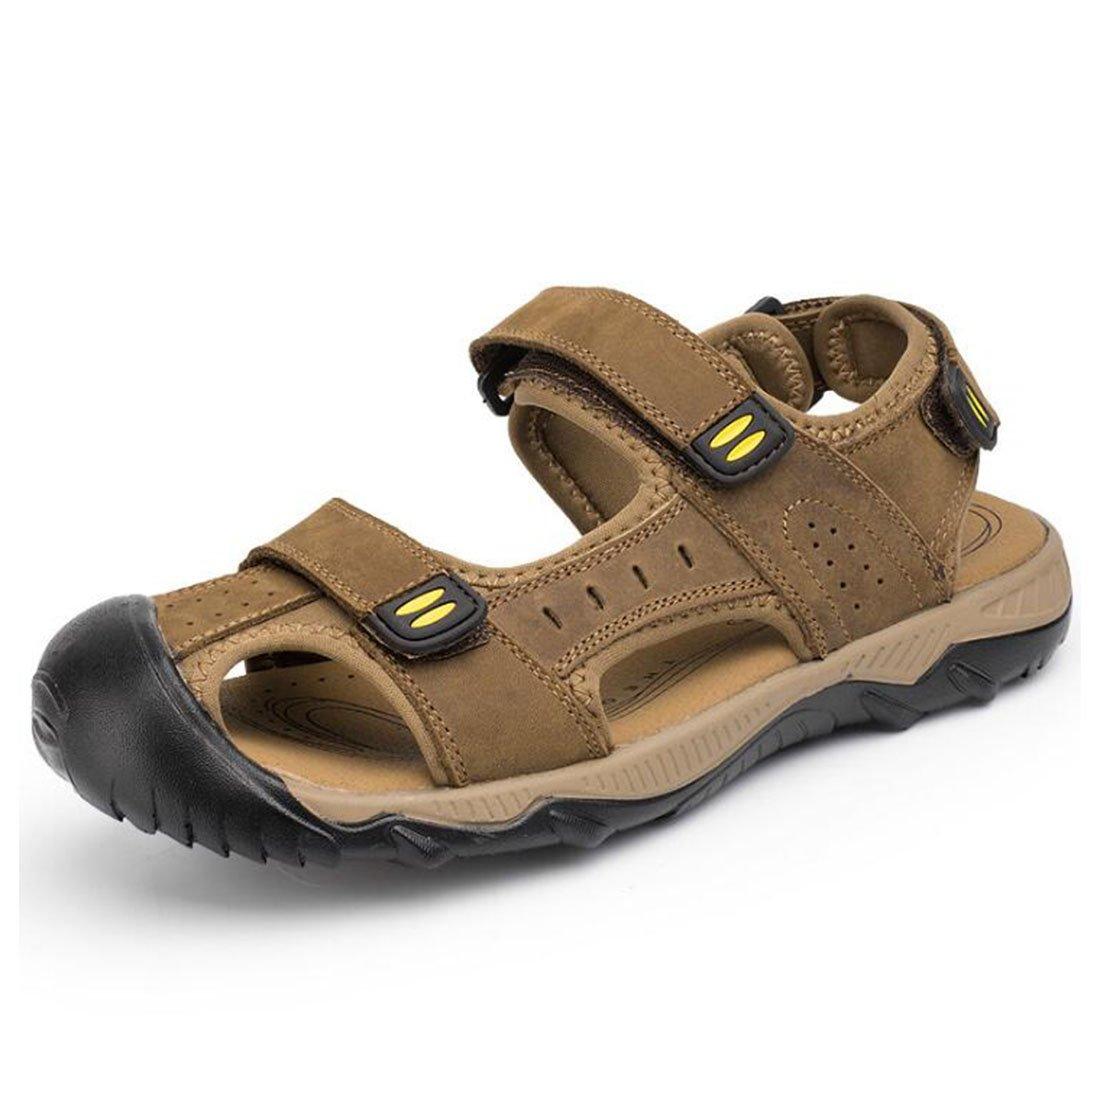 ZHONGST Herren Sommer Leder Casual Sandalen IM Freien Strand Schuhe Große Größe Sandalen Lightbrown